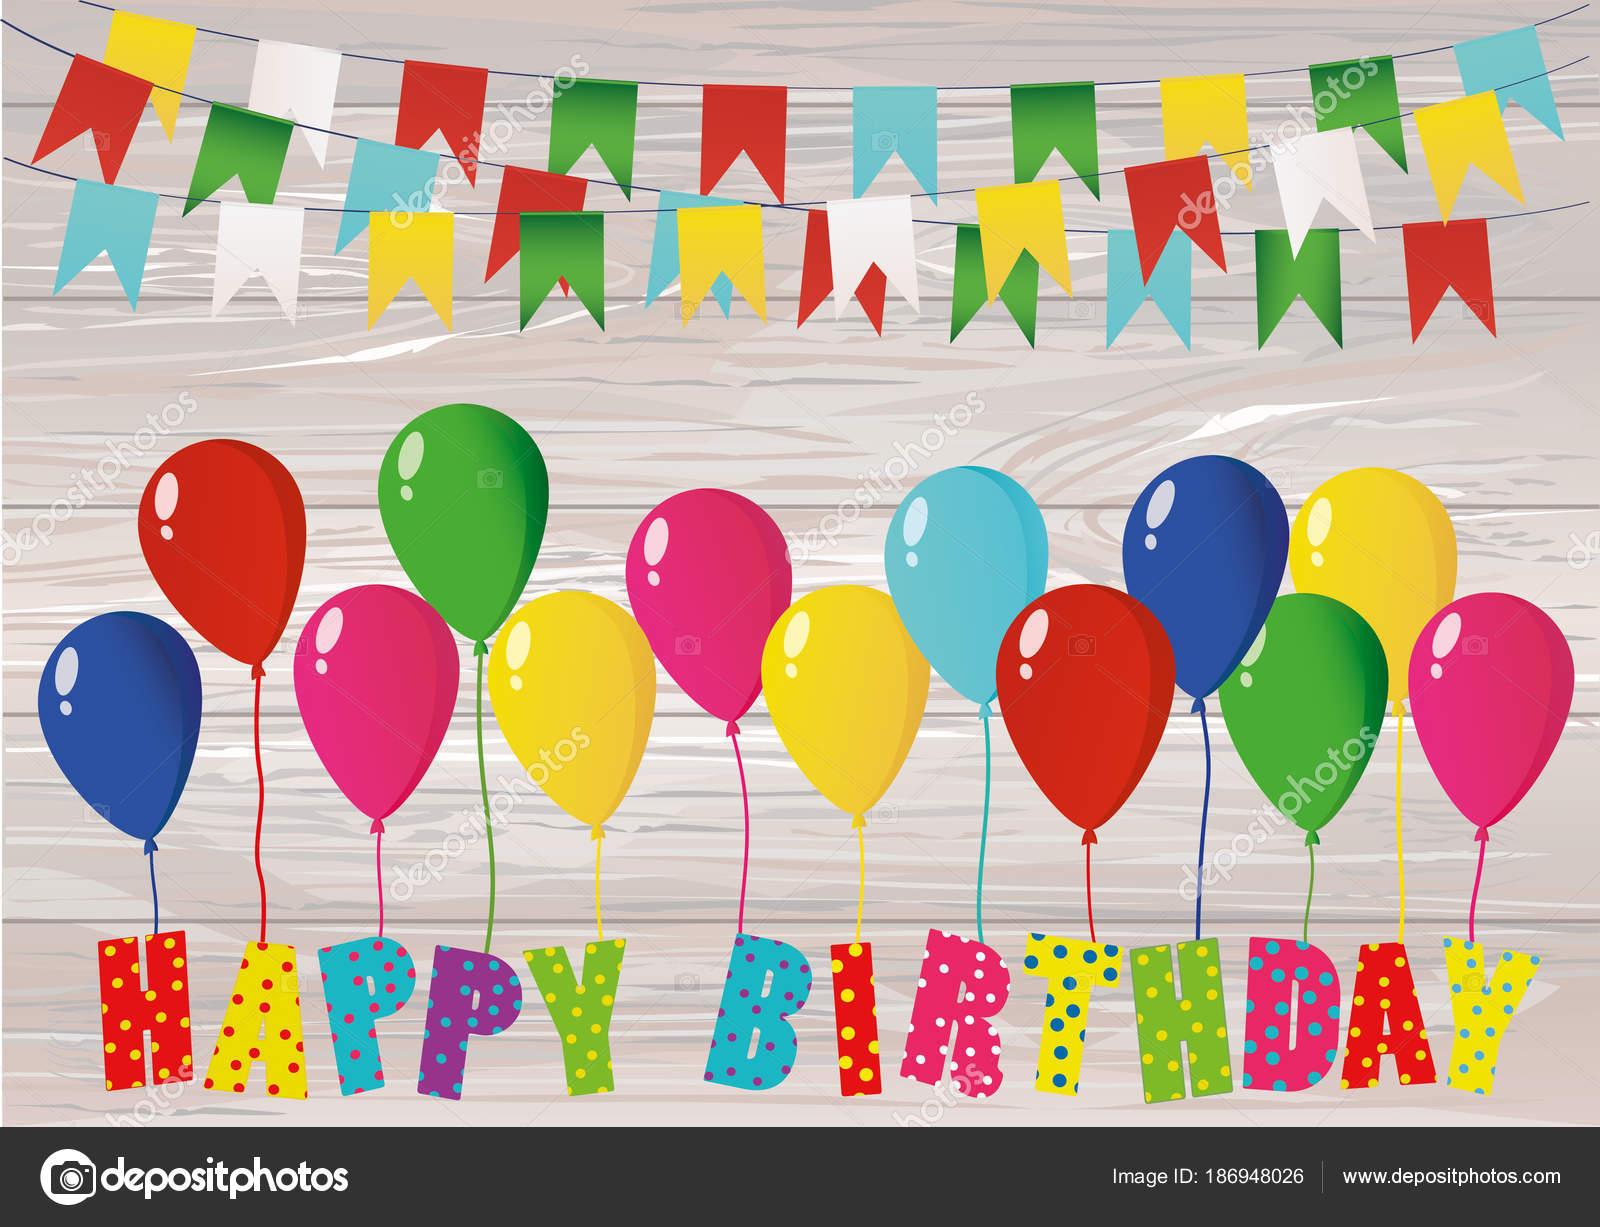 Kleurrijke Brieven Gelukkige Verjaardag Op Ballonnen Regenboog